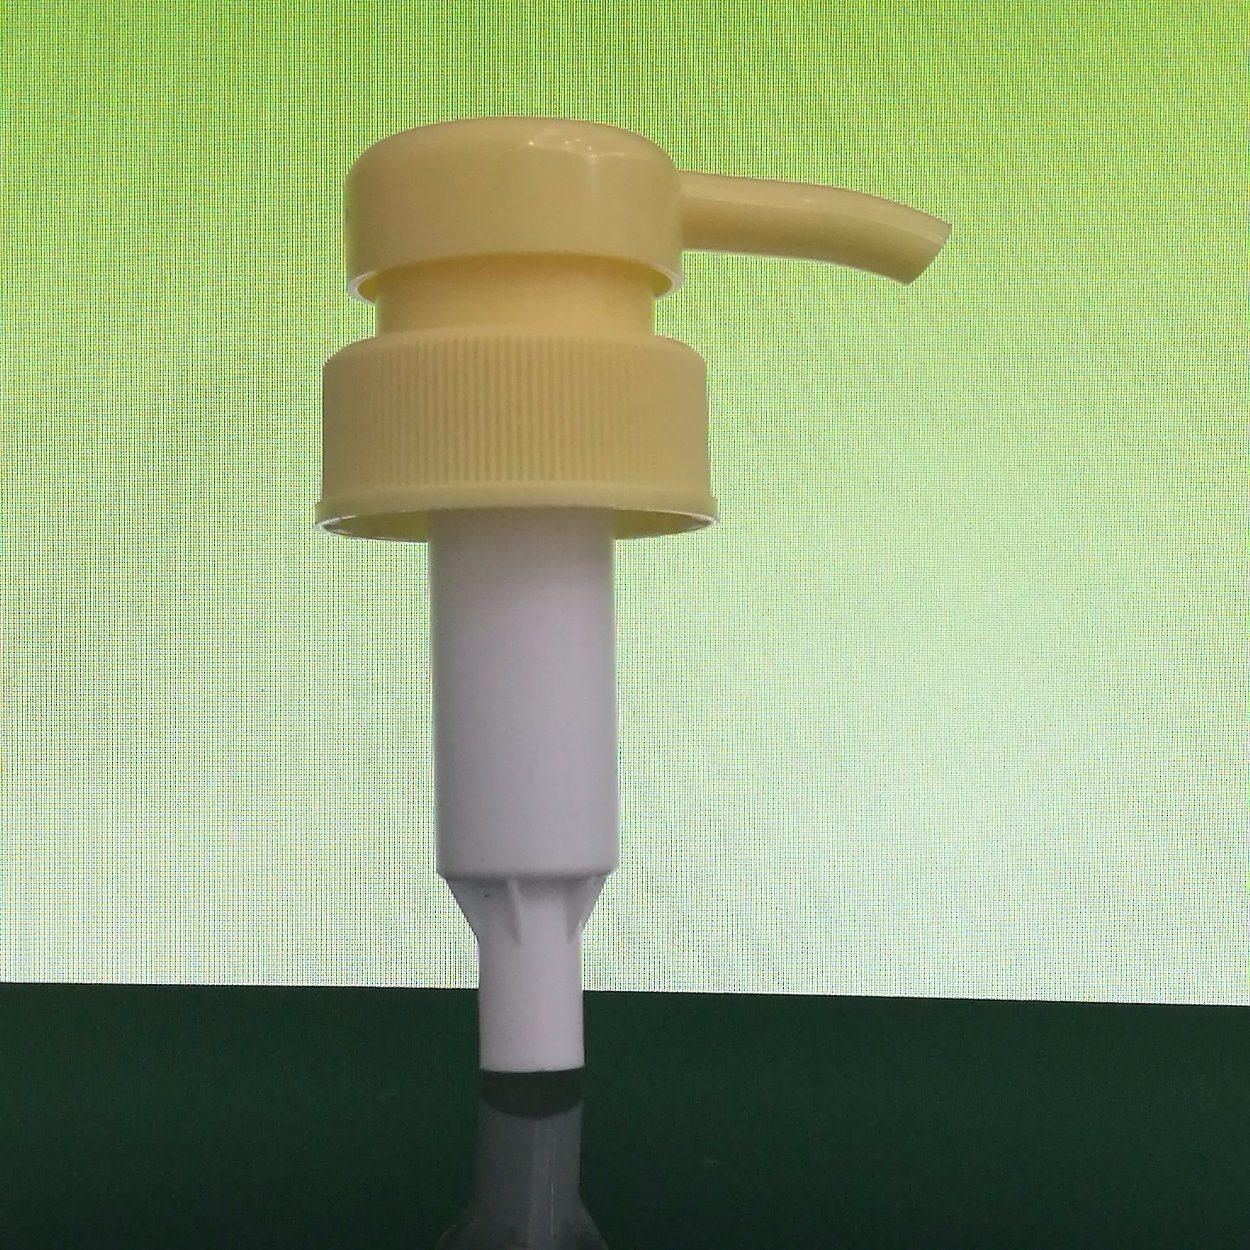 Lotion Pump Hx-L10